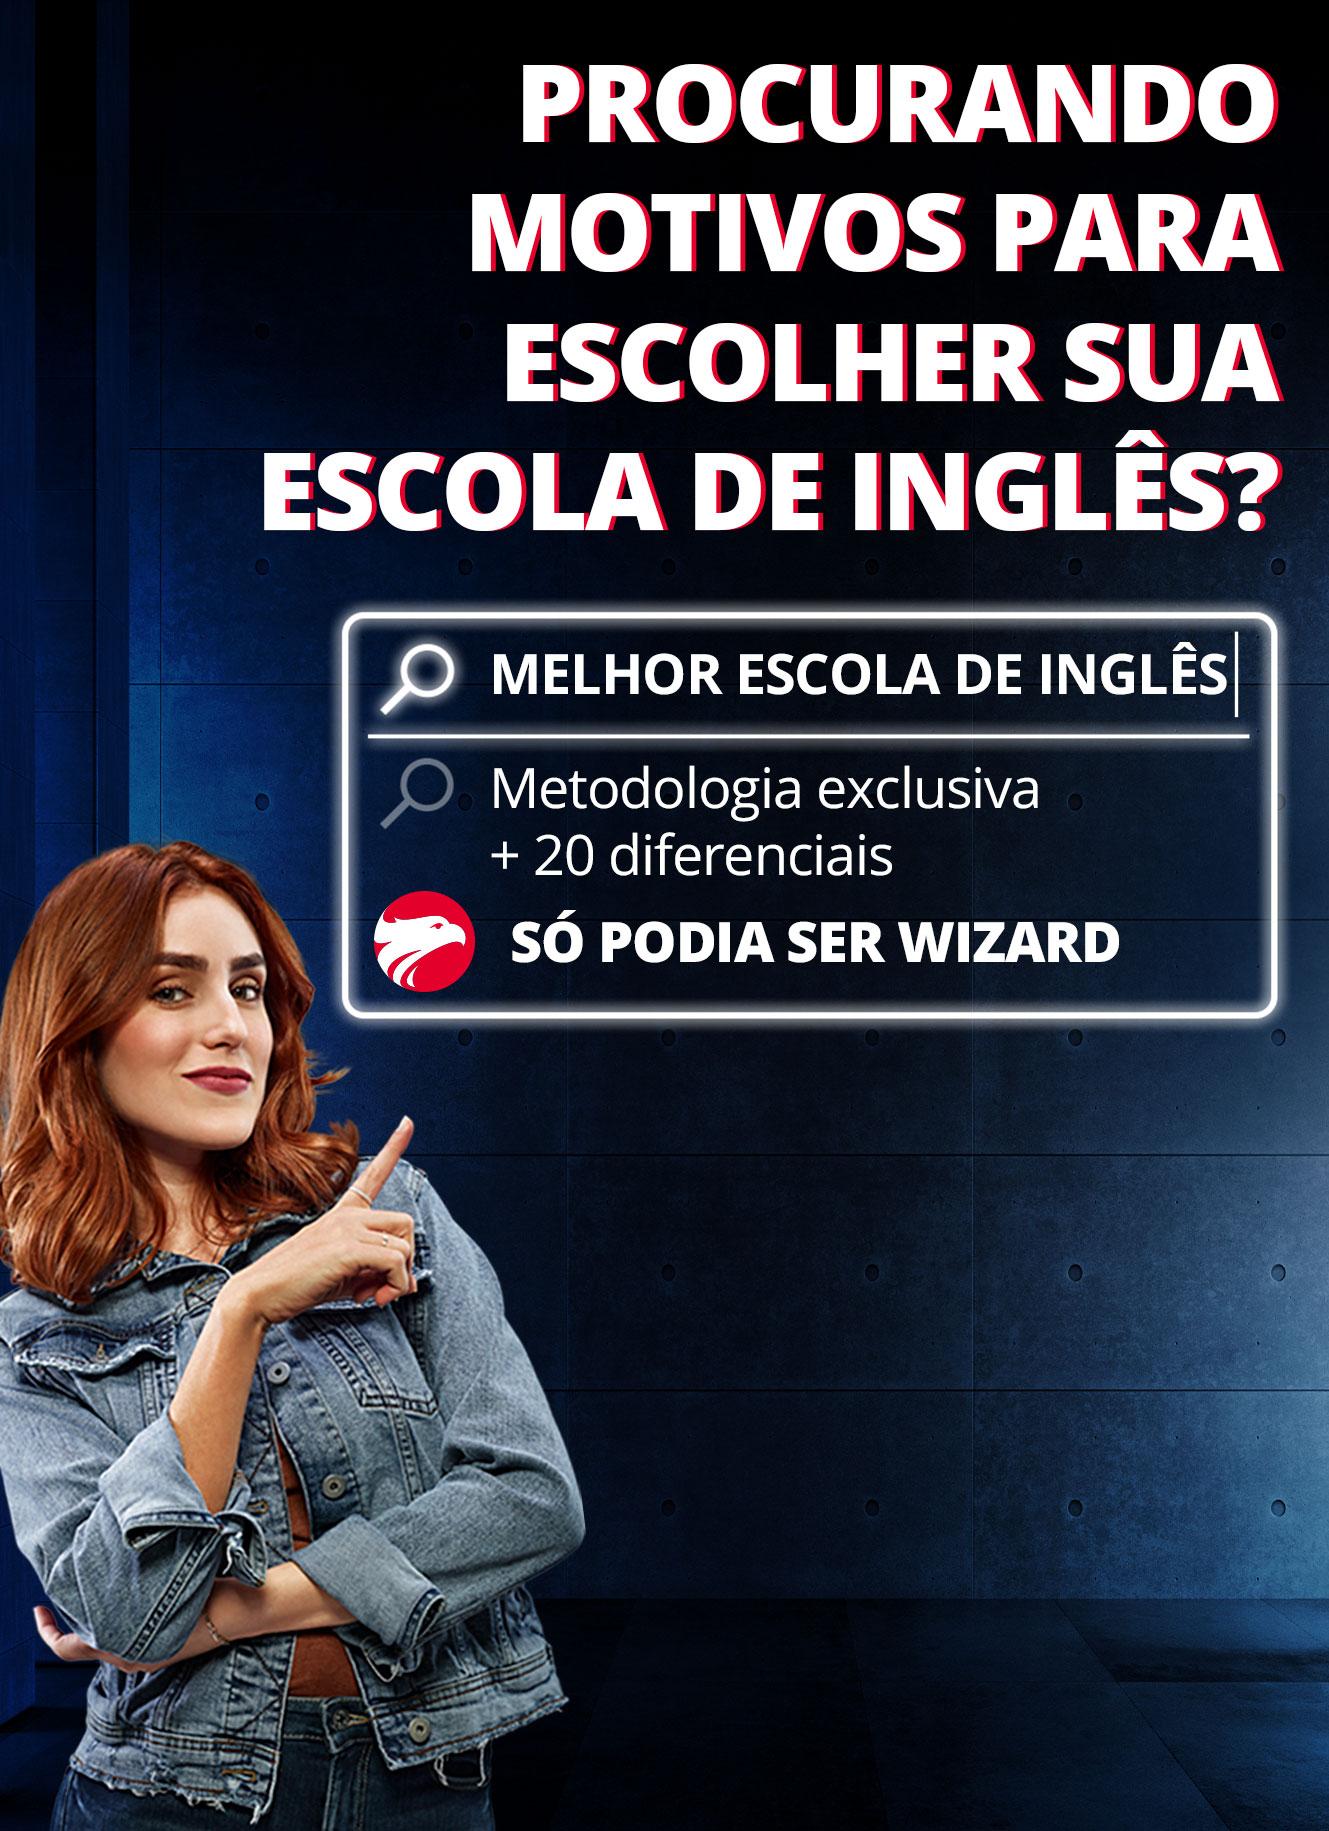 Procurando motivos para escolher sua escola de inglês? Vem pra Wizard!